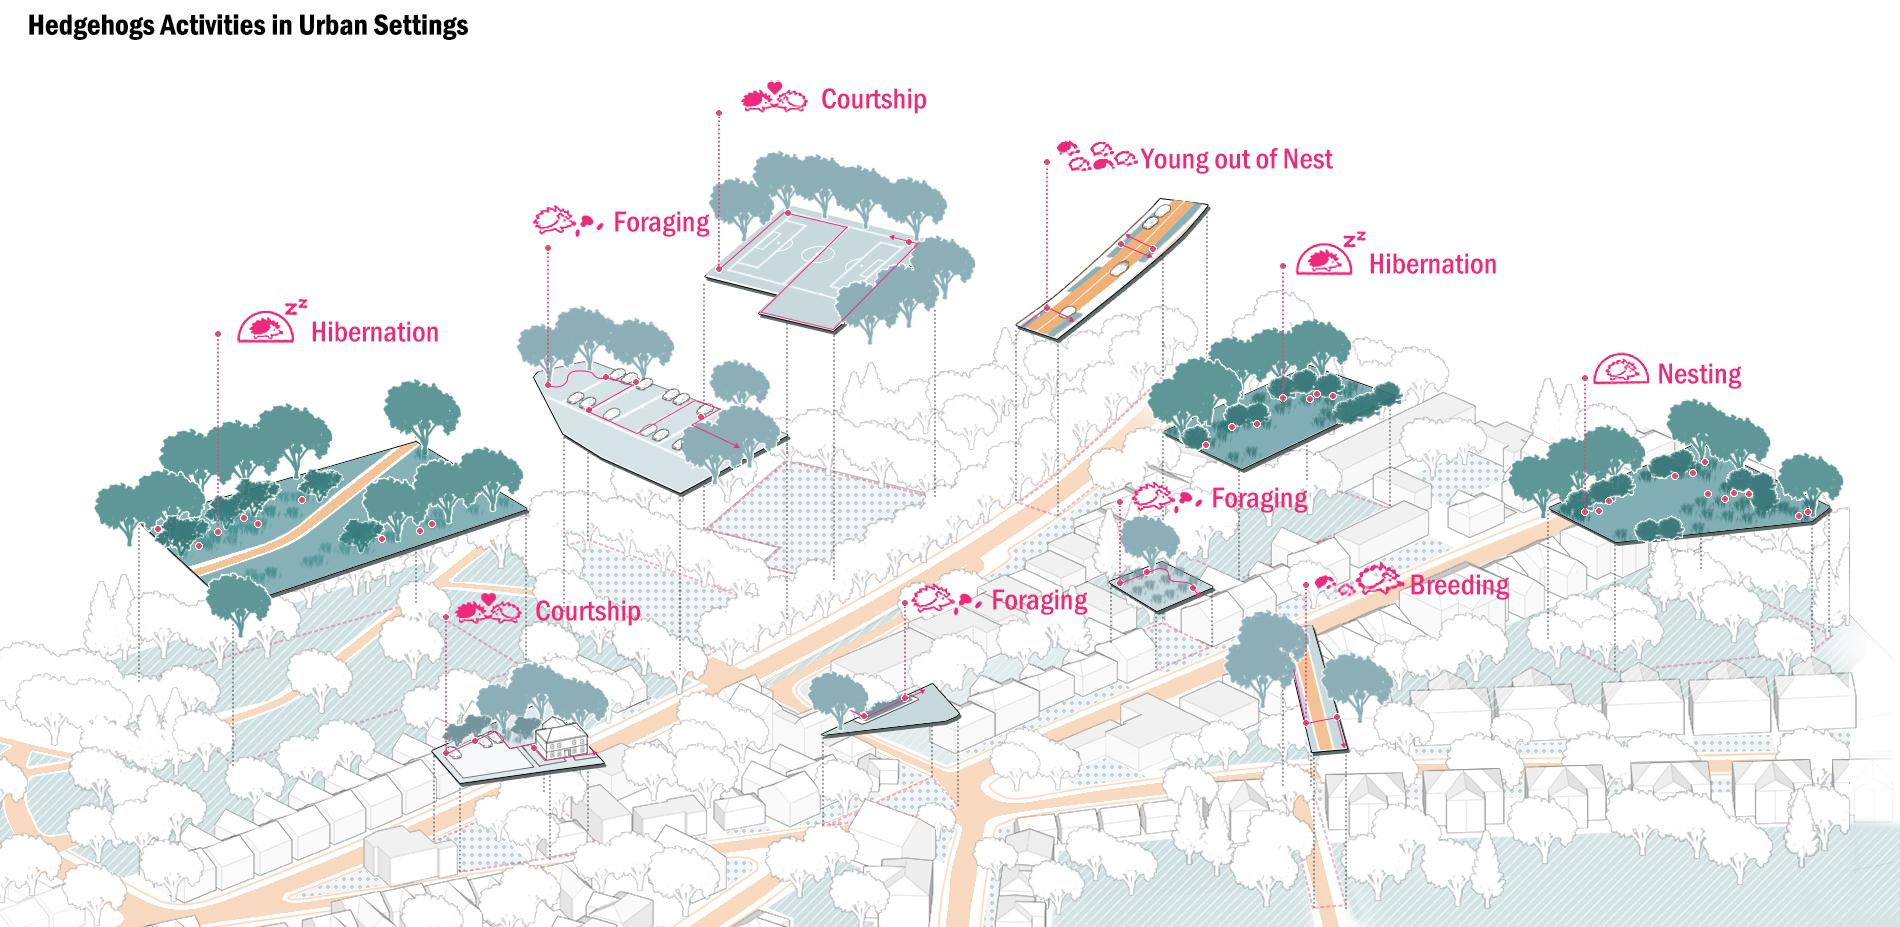 Hedgehogs Activities in Urban Settings